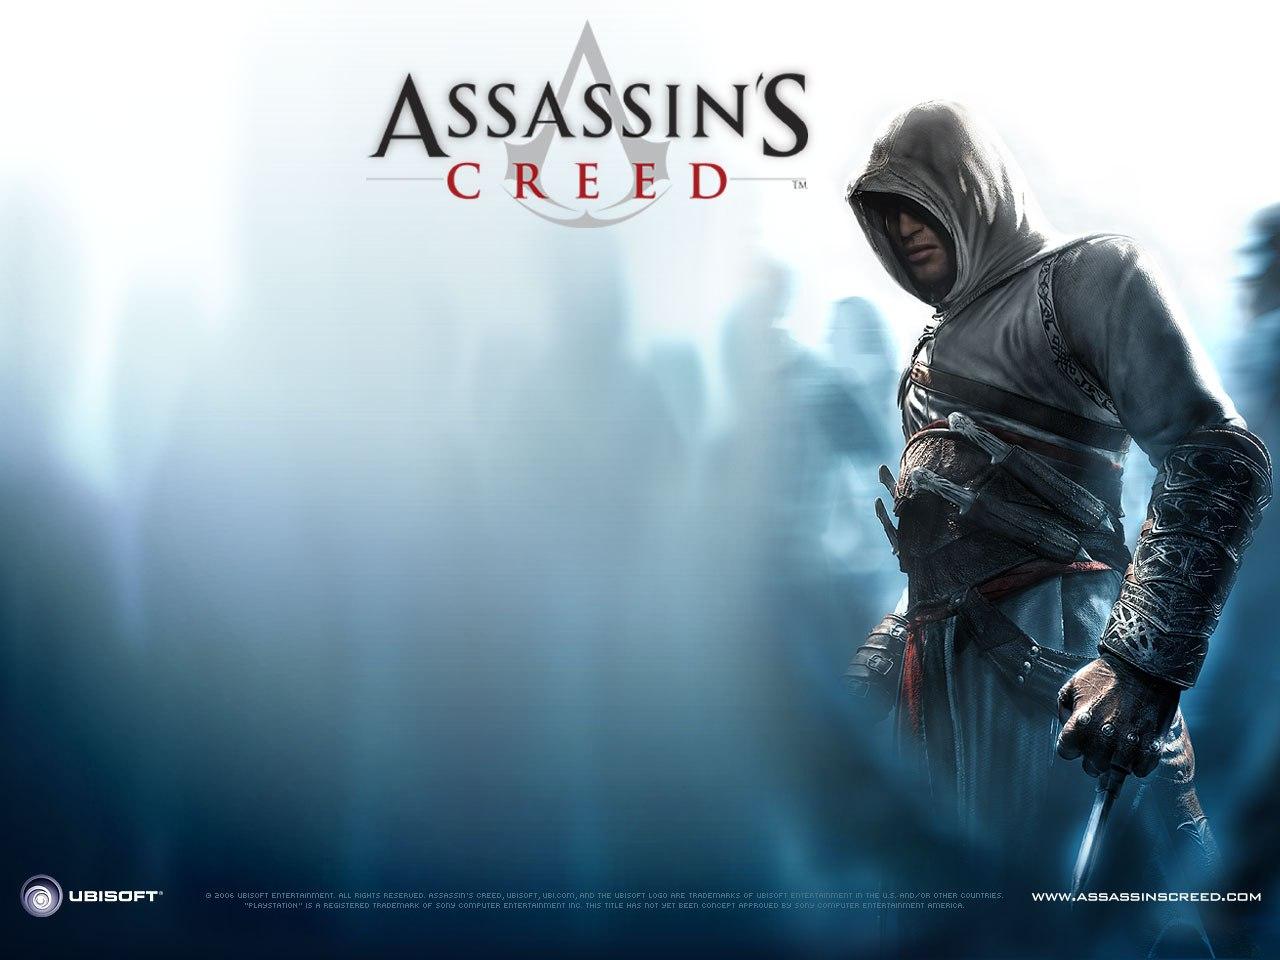 Những hình nền đẹp của game Assassin's Creed - Ảnh 1